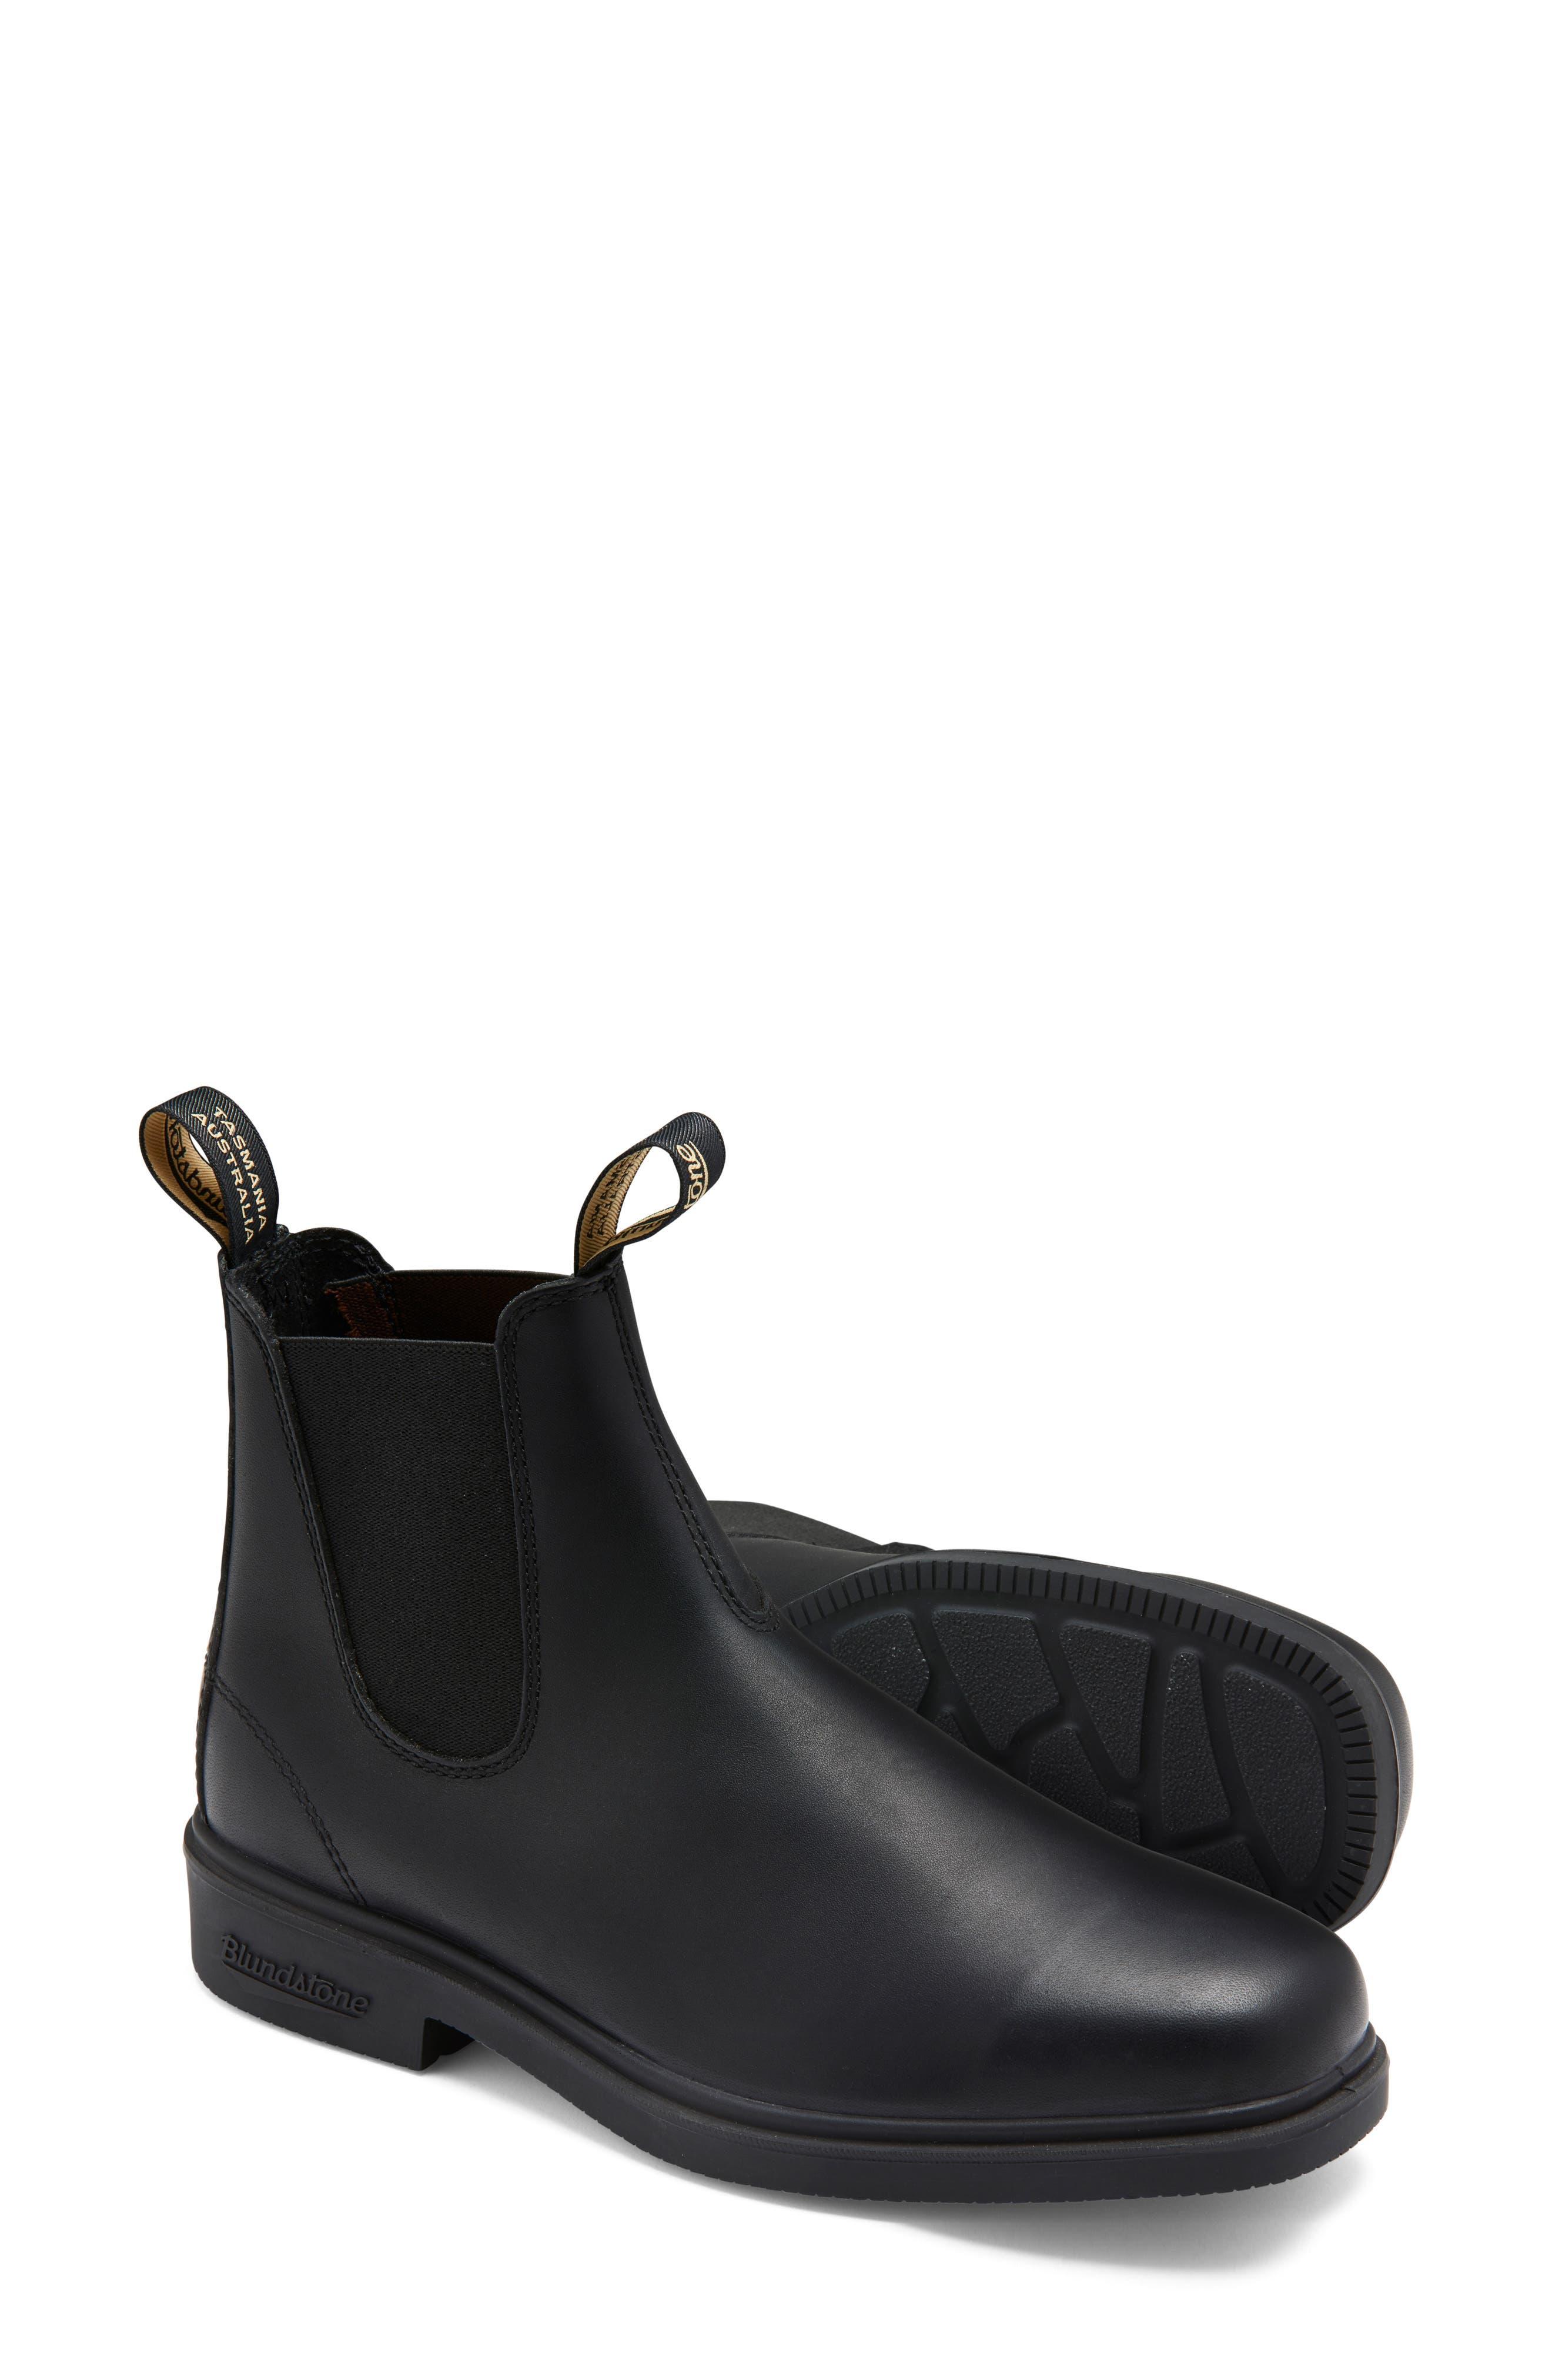 Men's Blundstone Water Resistant Chelsea Boot